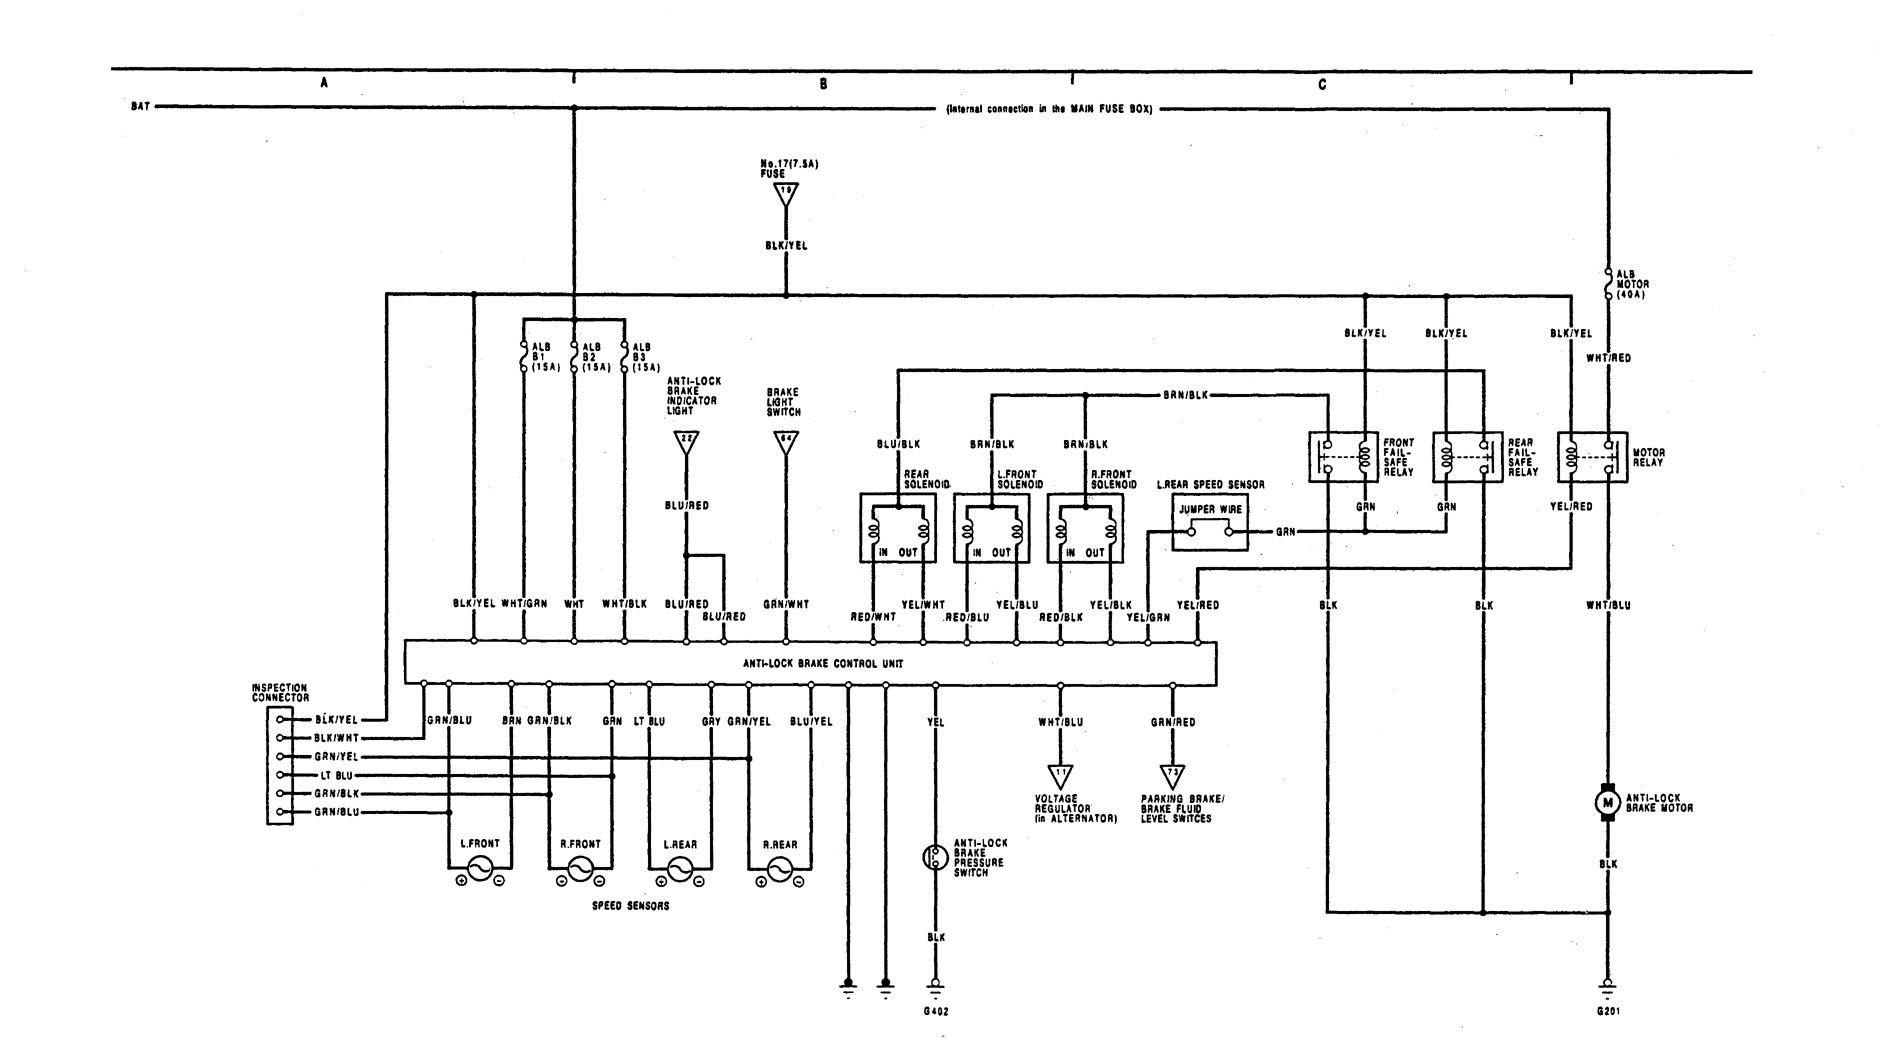 05 Mitsubishi Lancer Evo Timing Diagram Wiring